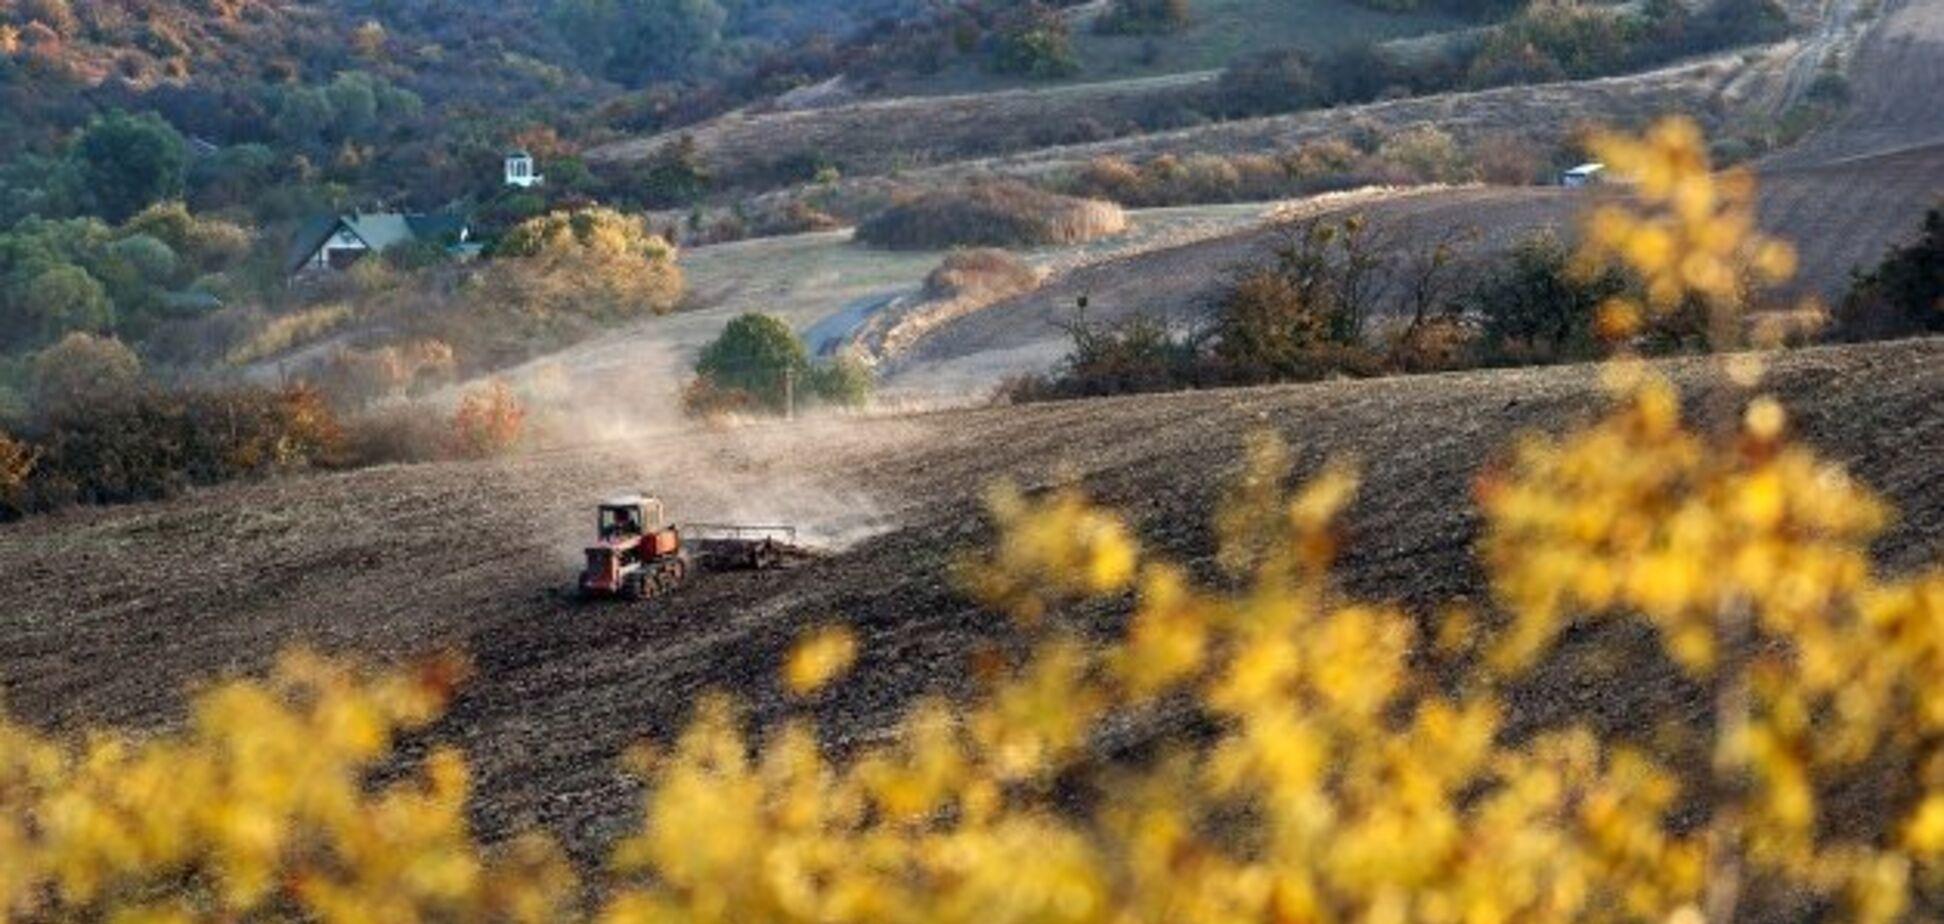 Народна ініціатива: закон про прогресивні земельні відносини